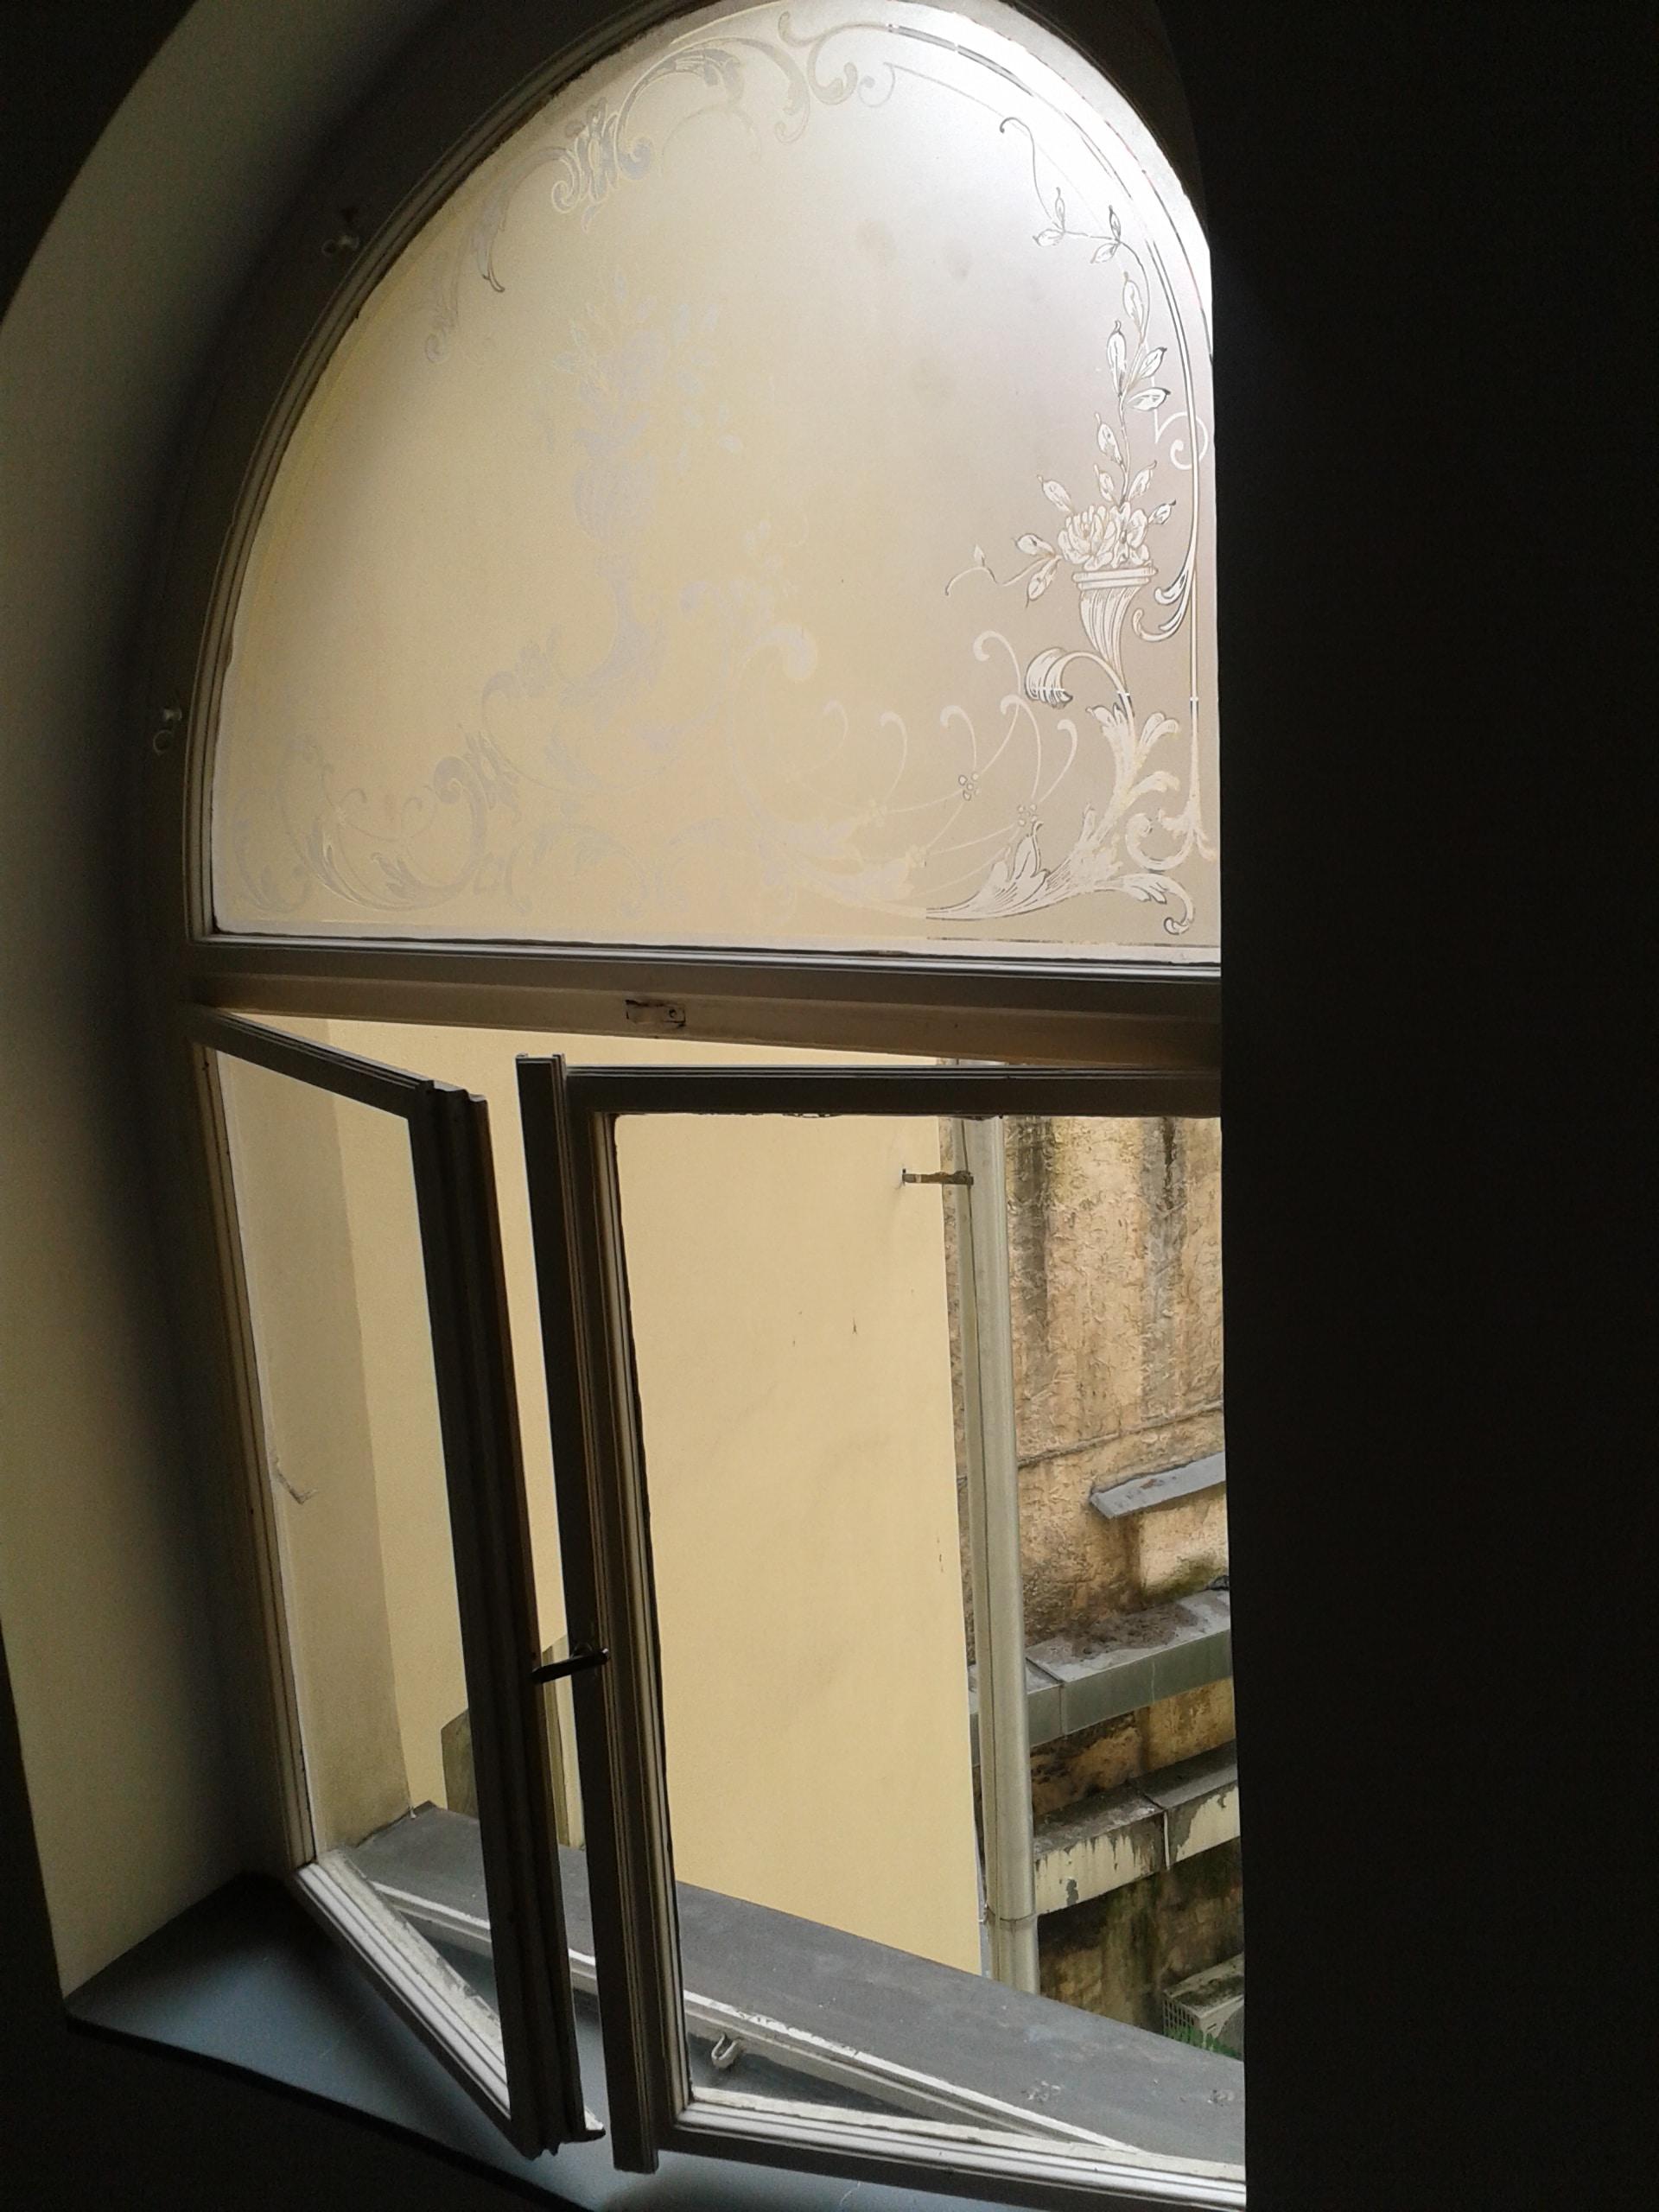 למכירה דירת 3+kk יפהפיה בפראג 1 העיר החדשה (23)